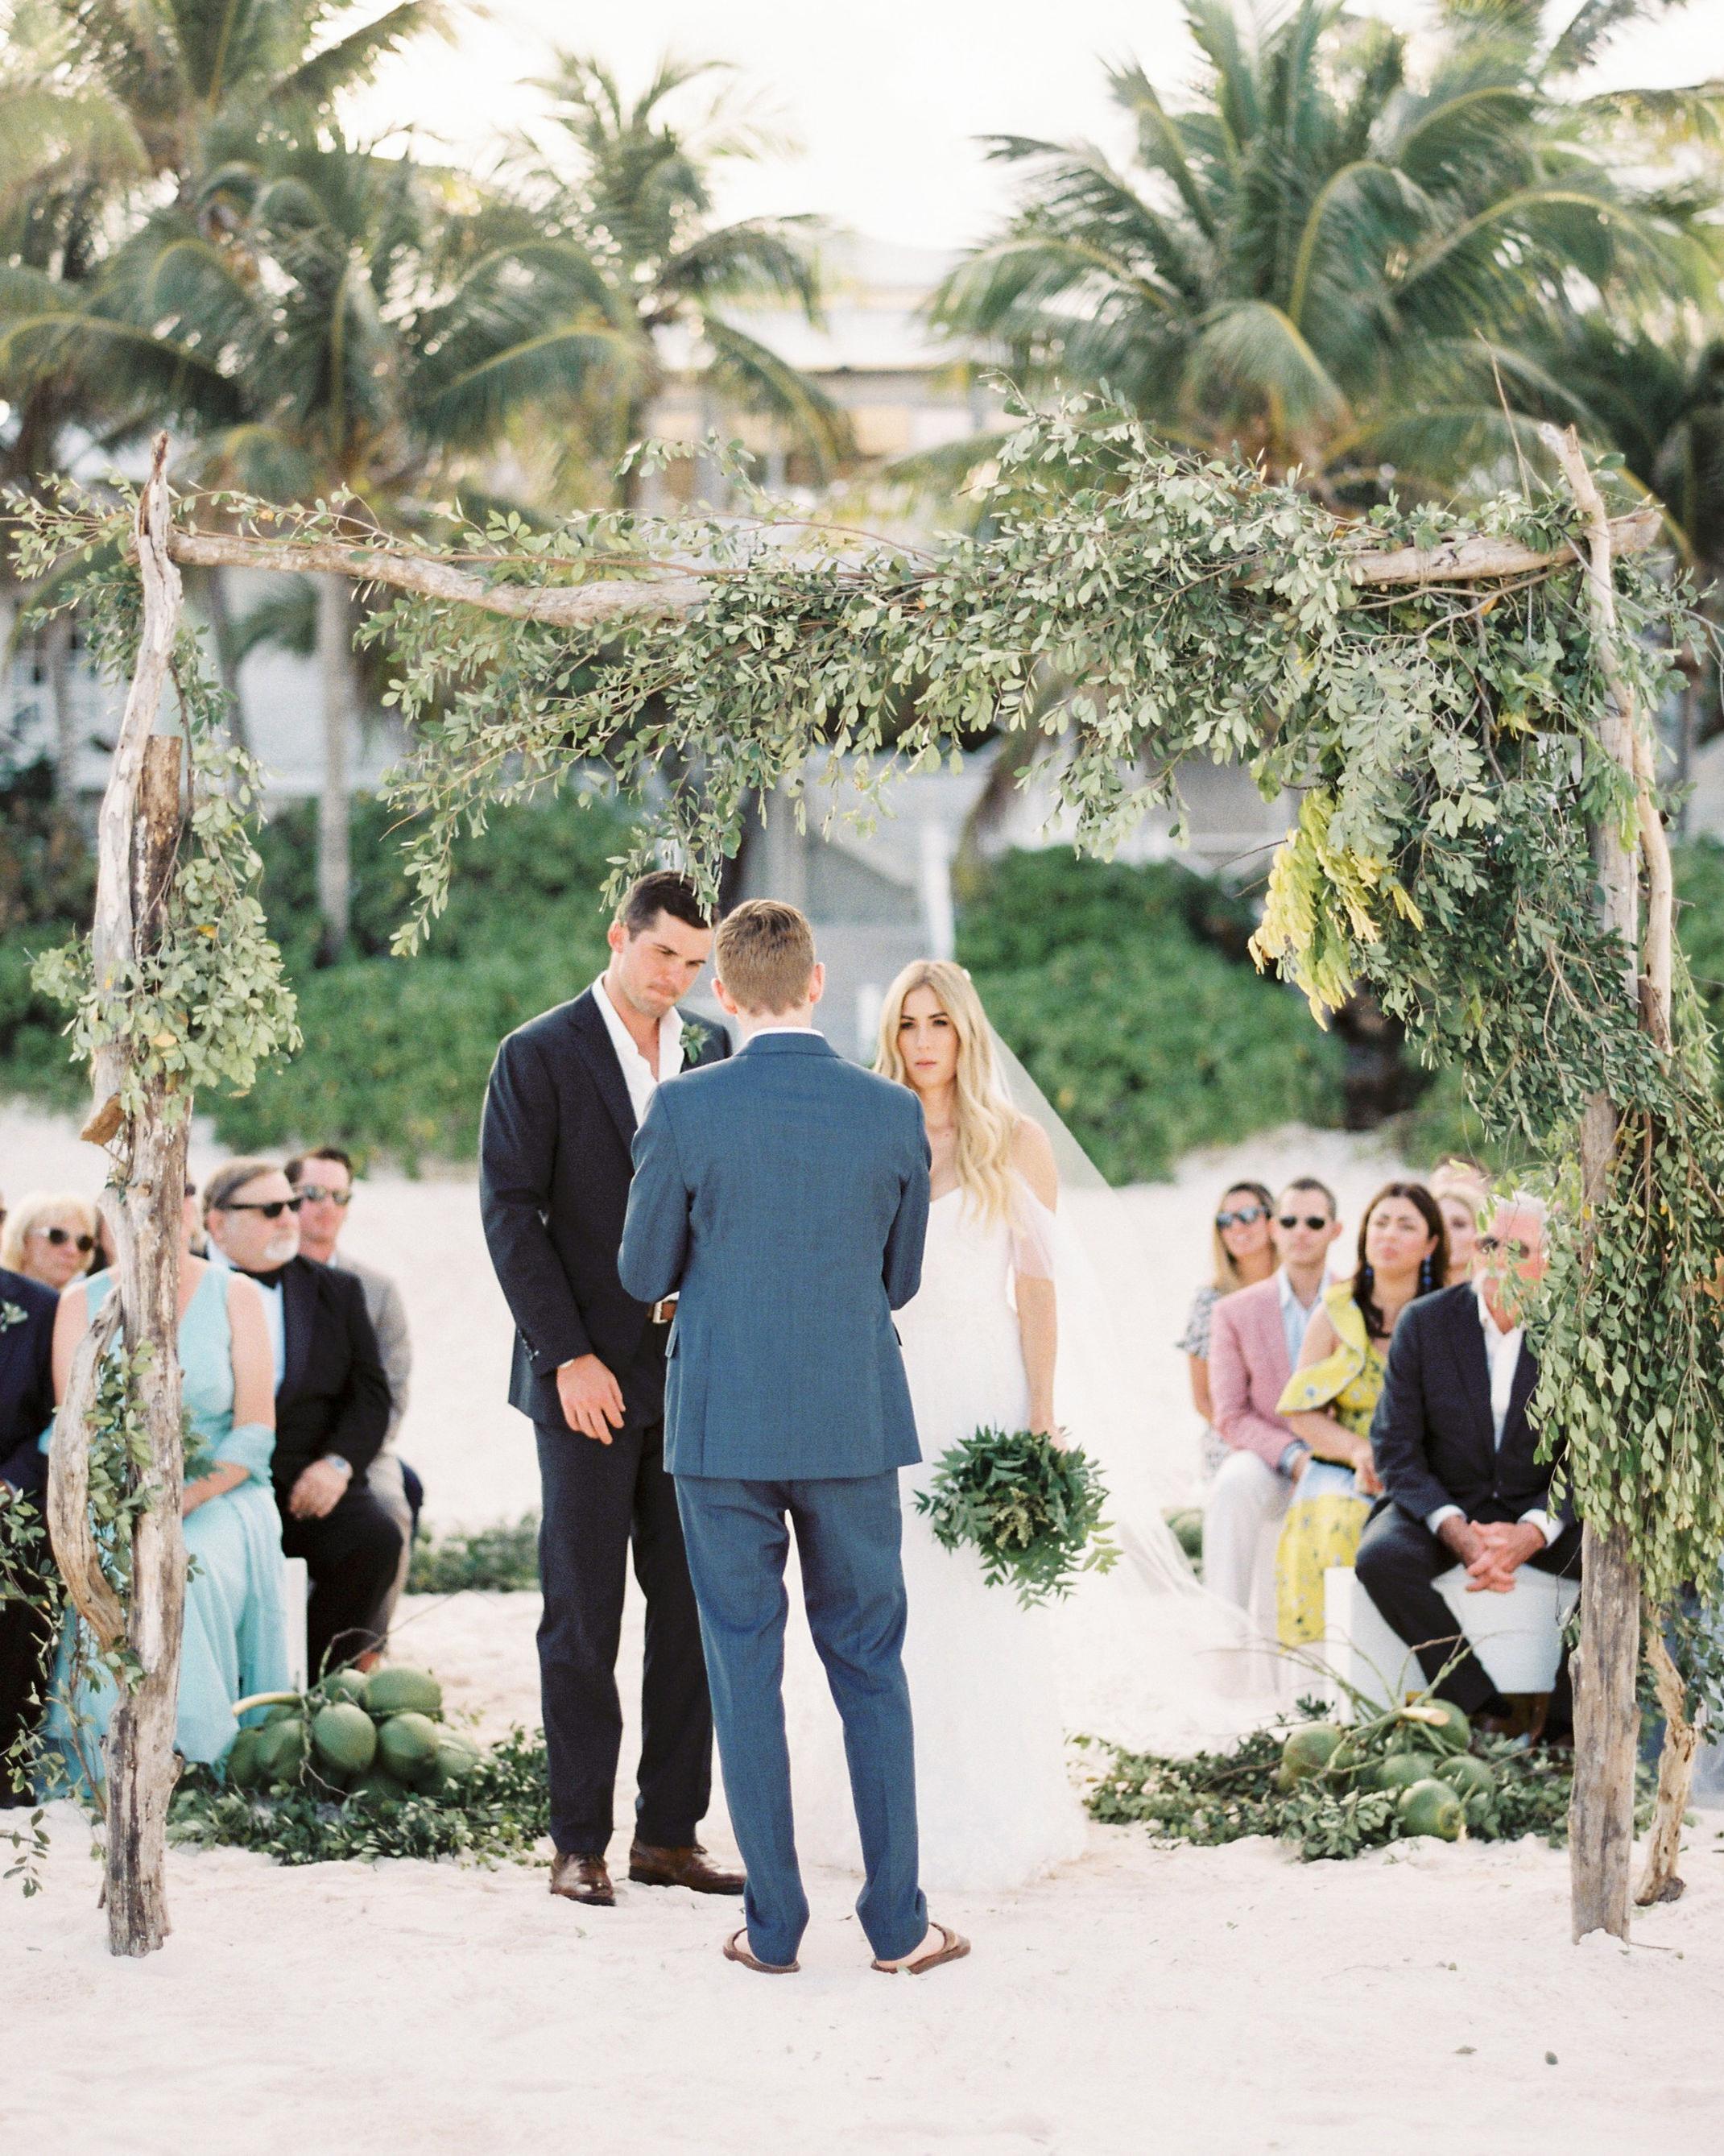 Elizabeth and Chuck saying wedding vows